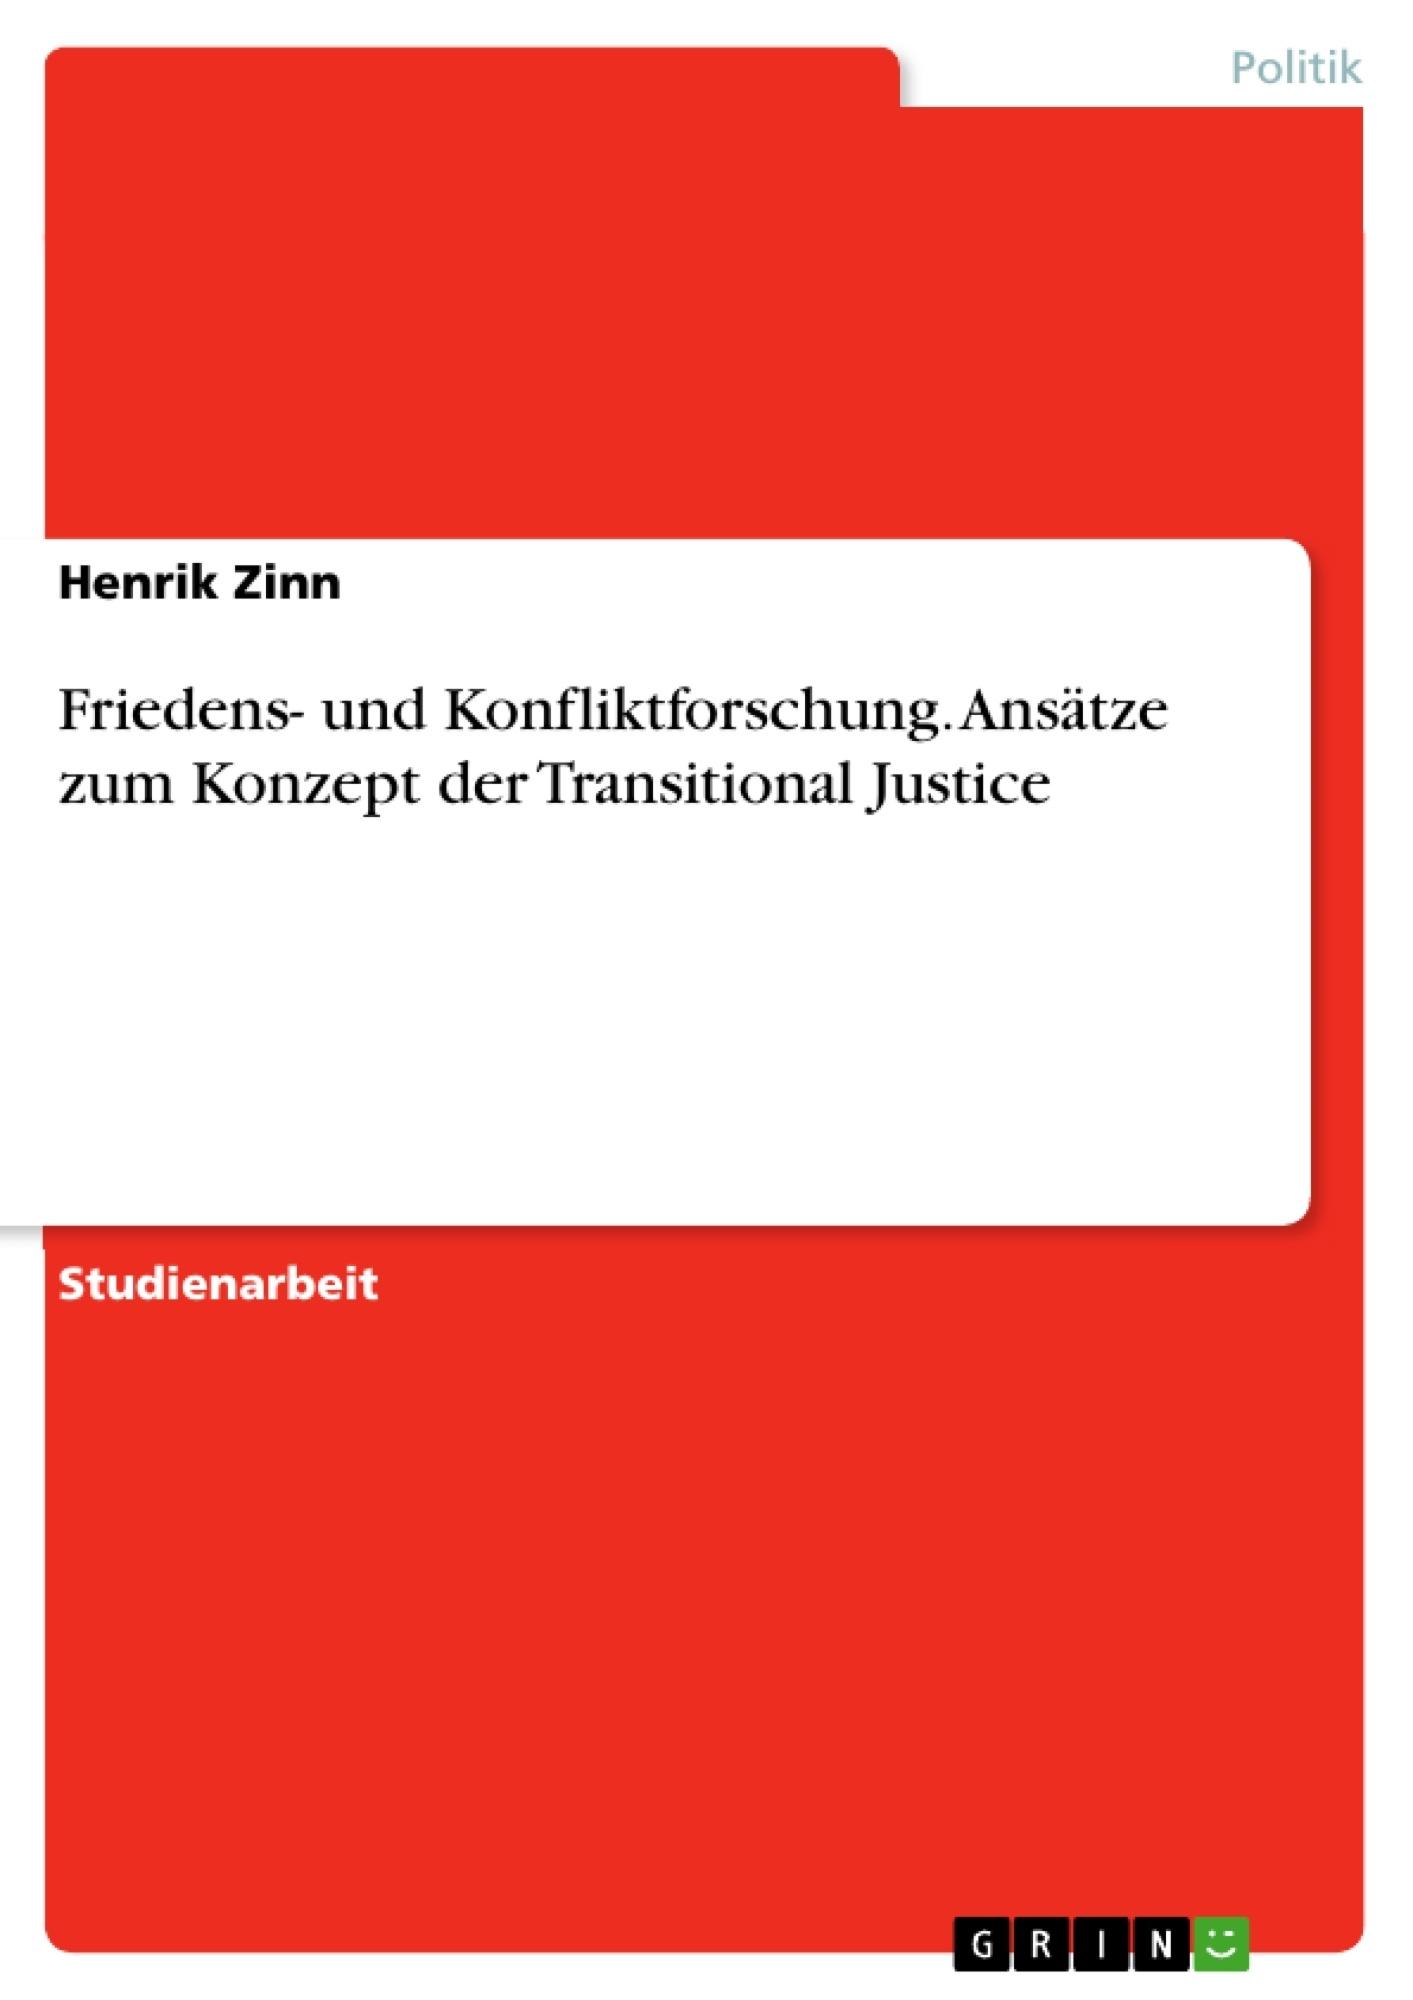 Titel: Friedens- und Konfliktforschung. Ansätze zum Konzept der Transitional Justice